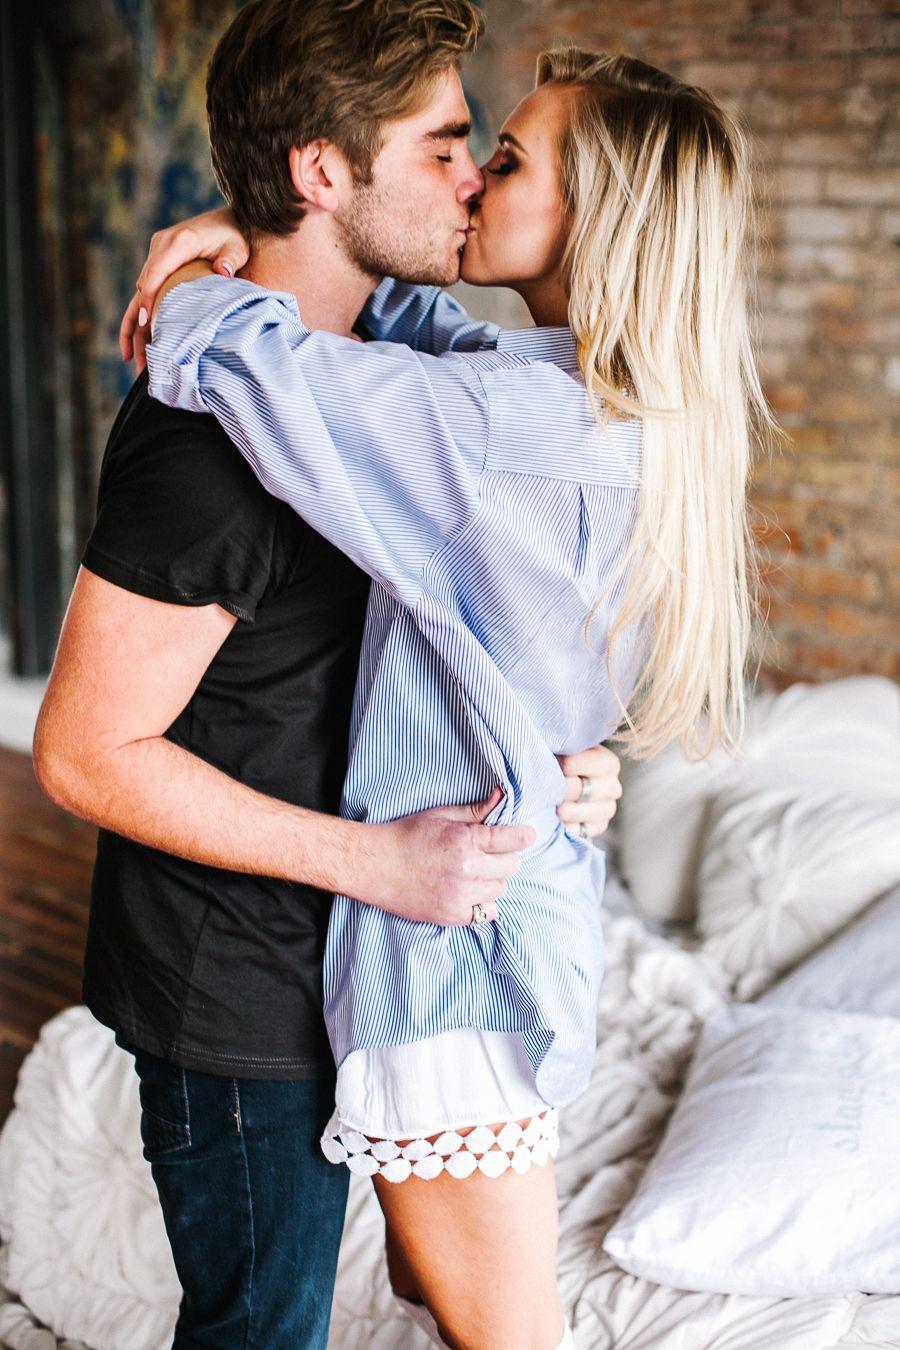 hot-teen-kissing-pics